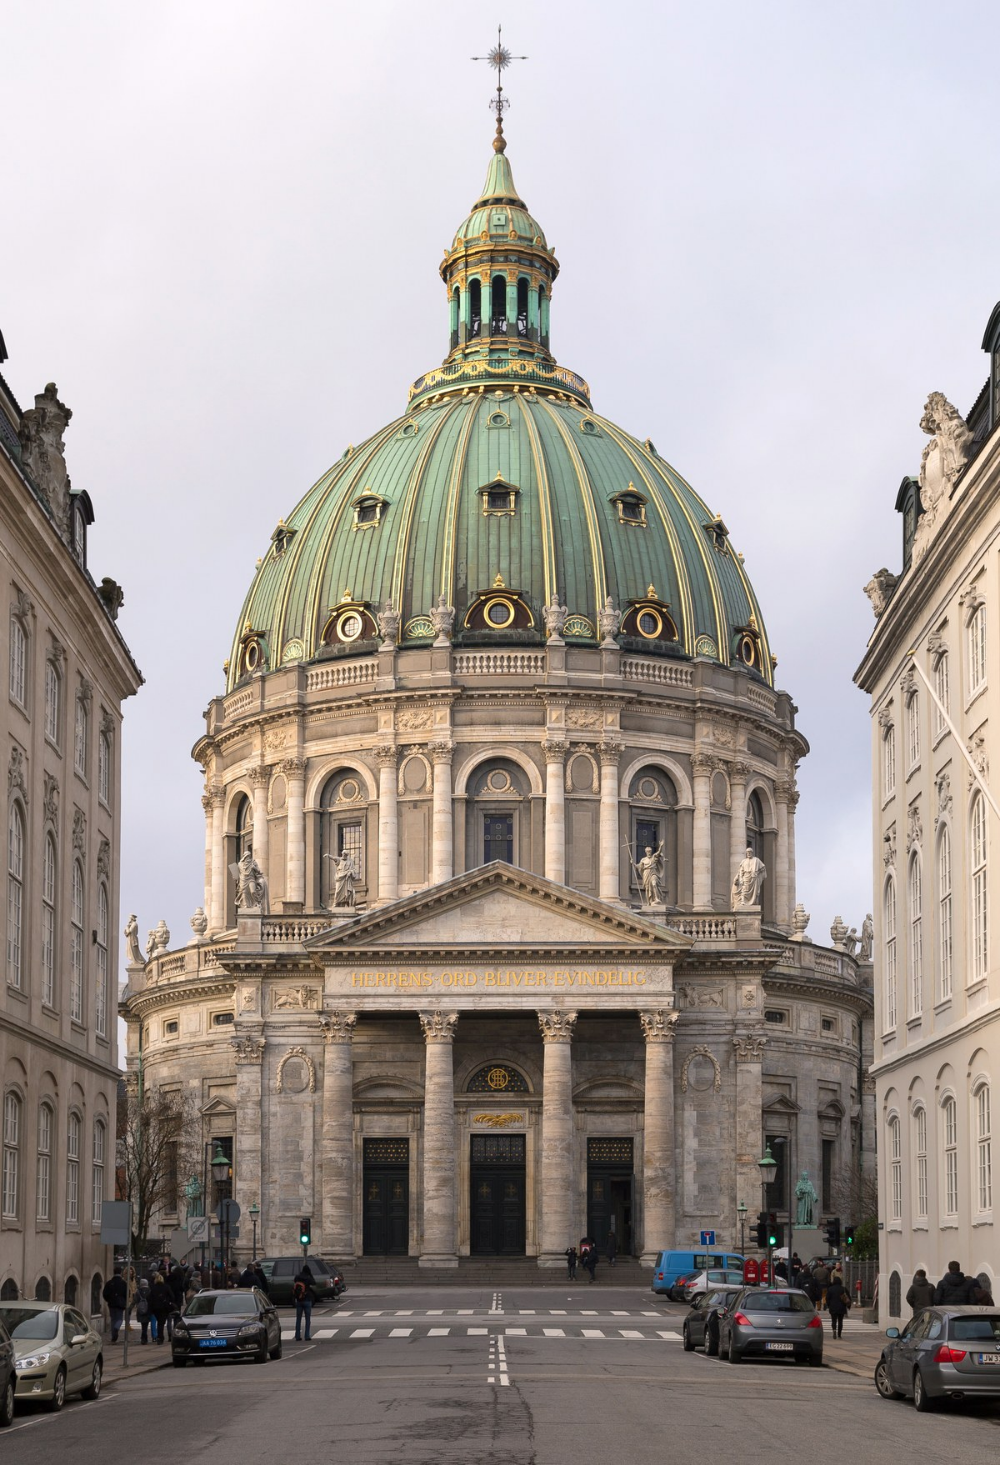 22 Stunning Architectural Landmarks in Copenhagen